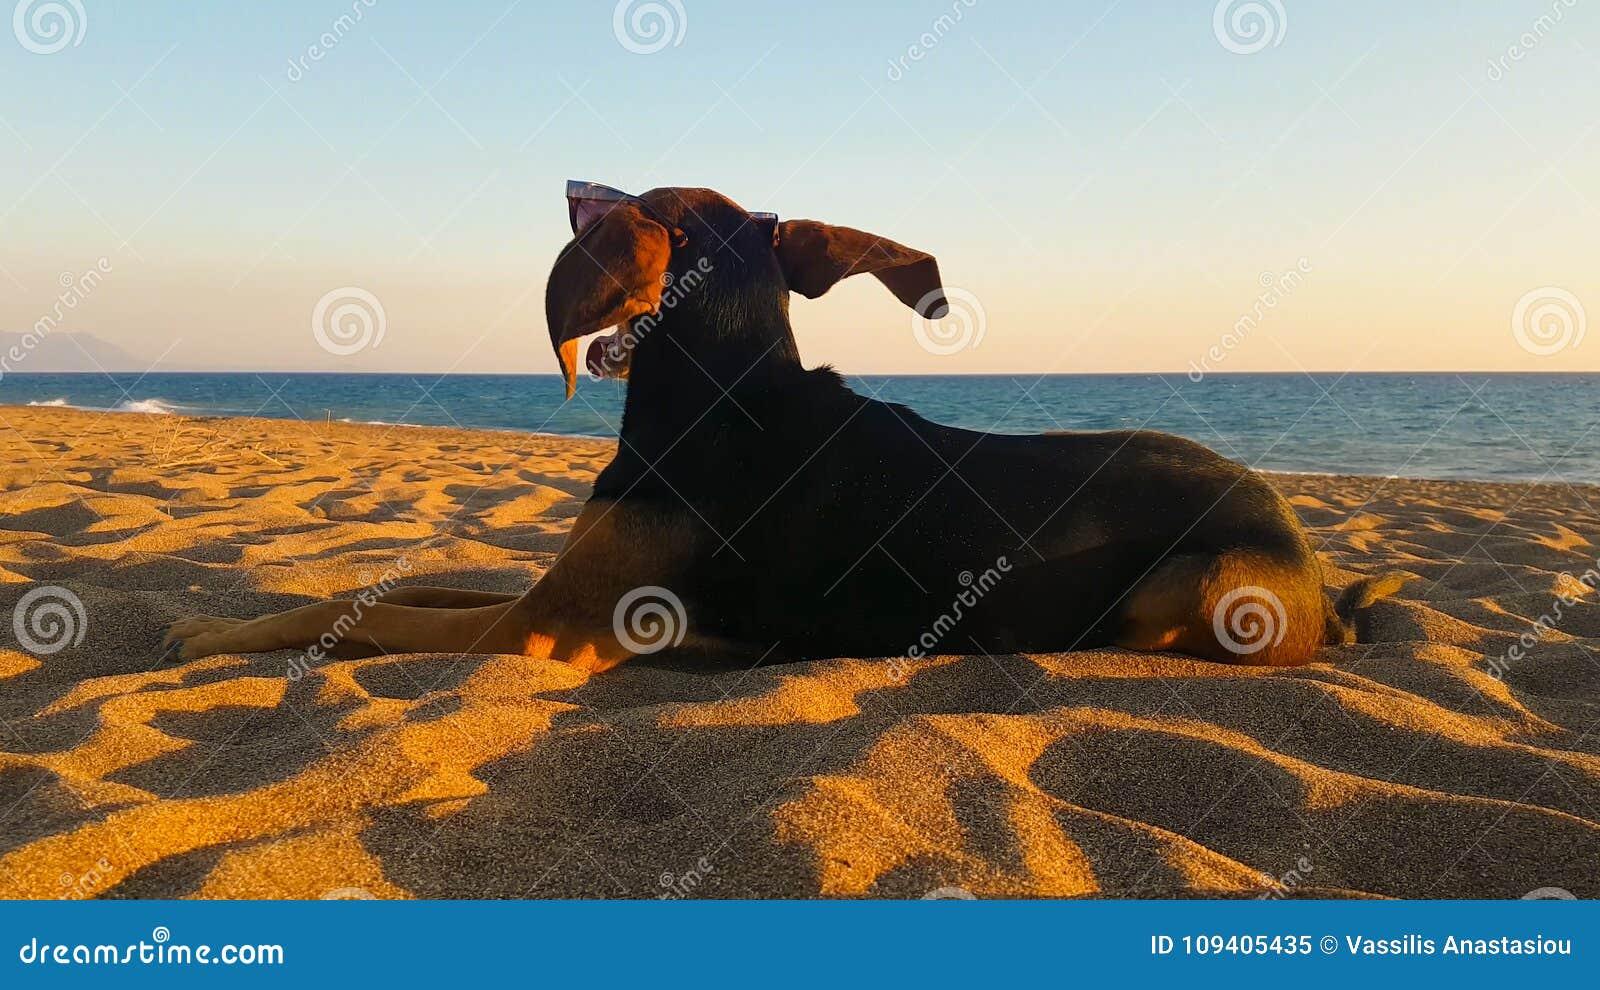 Verfolgen Sie das Porträt, das den Strand betrachtet, während der Wind durchbrennt Ein netter Moment der Entspannung